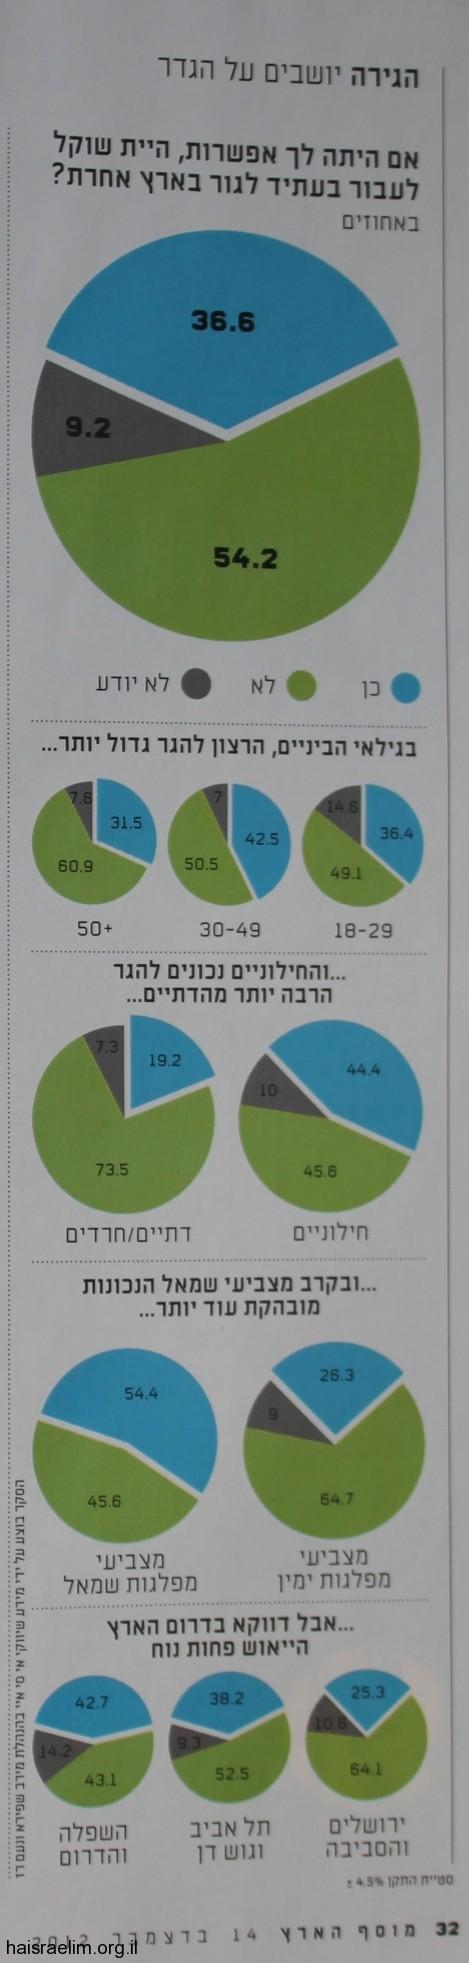 יושבים על הגדר - מוסף הארץ - 14.12.2012 - נתונים